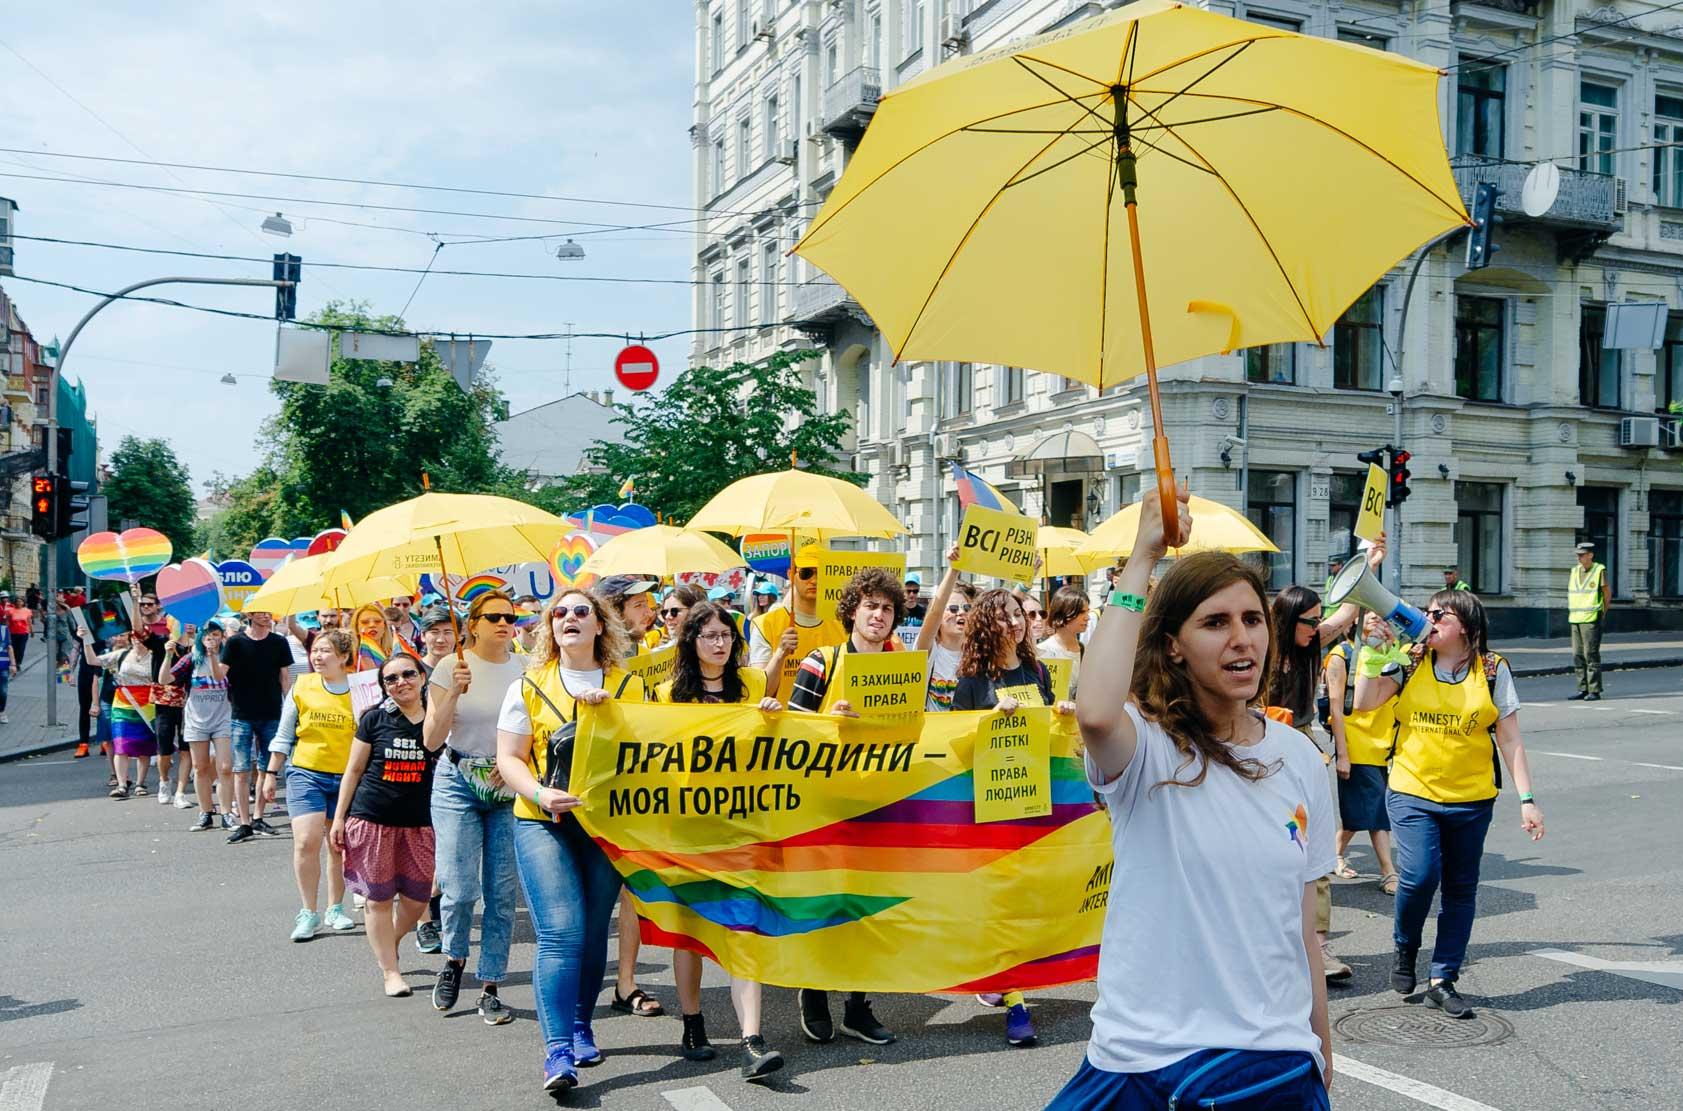 263662-1 menschenrechtsthemen-jahrzehnts-lgbtq-rechte | ©  Amnesty International Ukraine